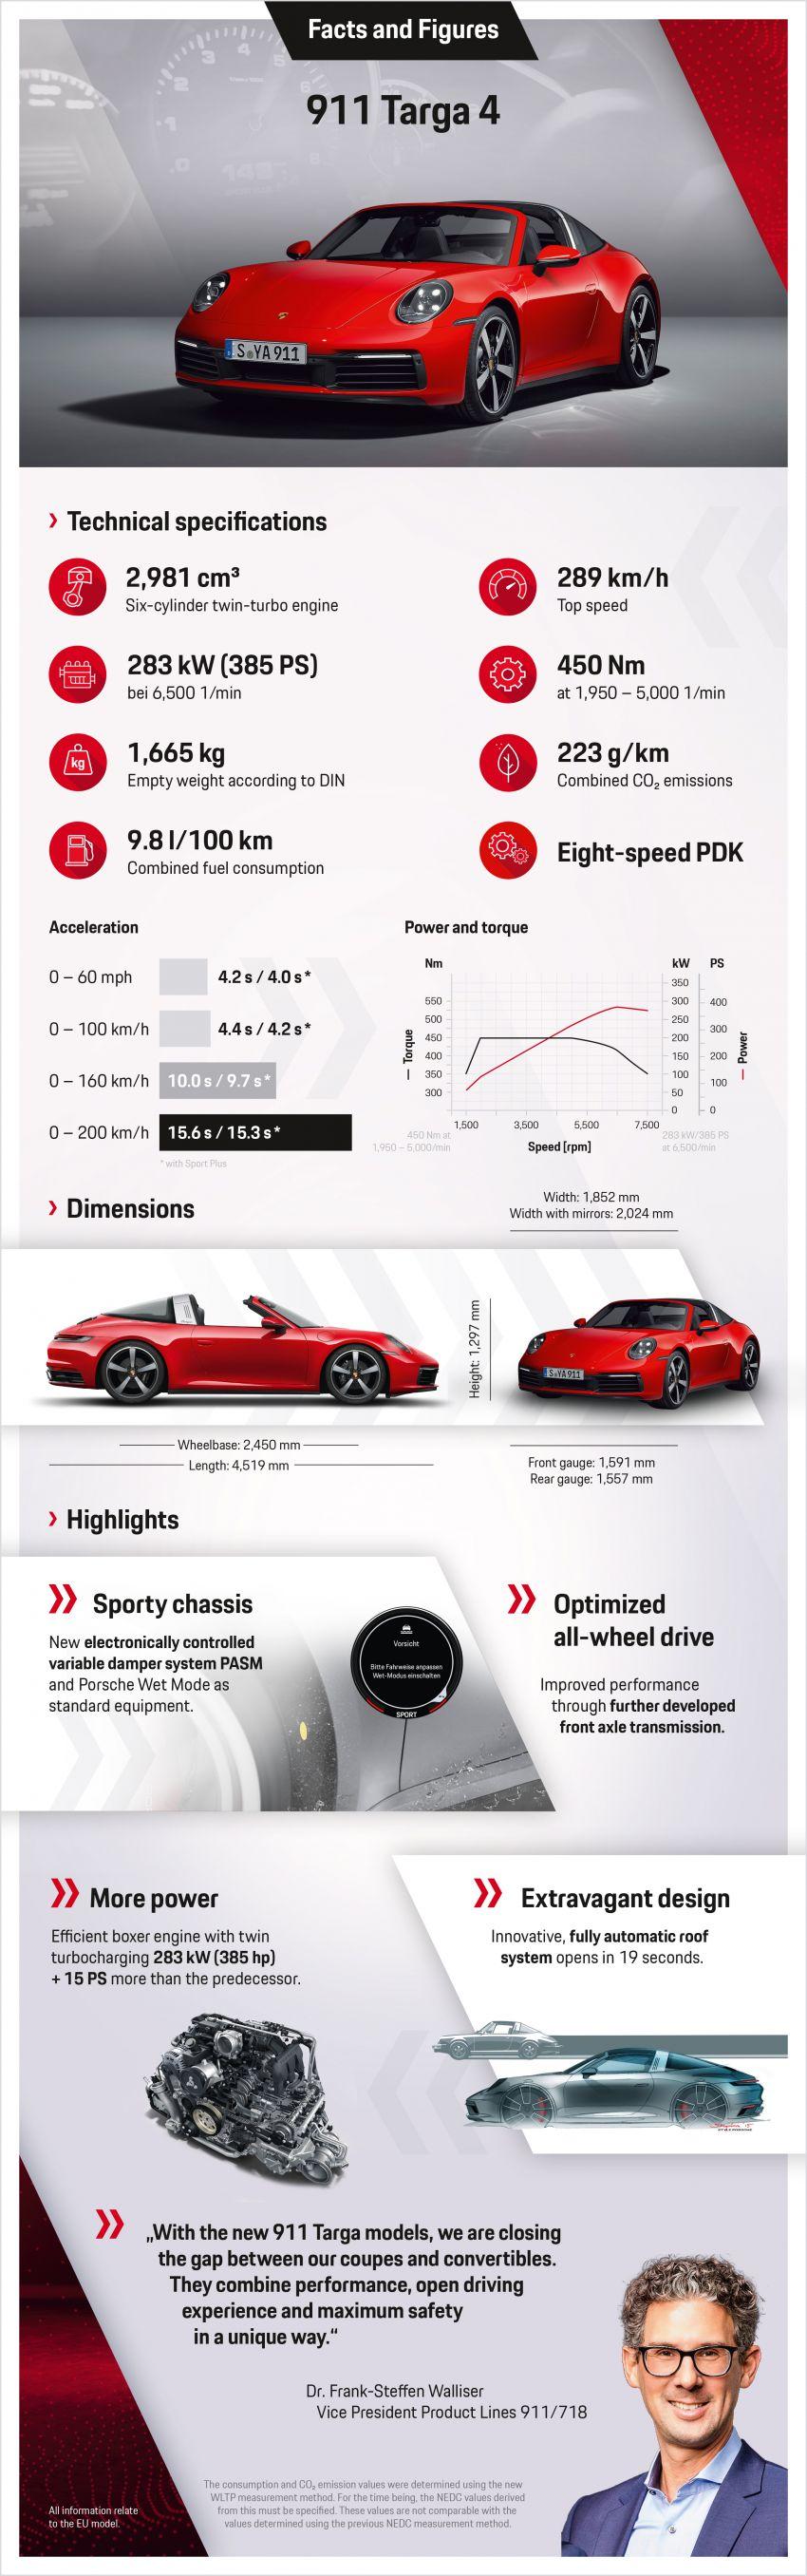 992 Porsche 911 Targa: new droptop sports car shown Image #1119028